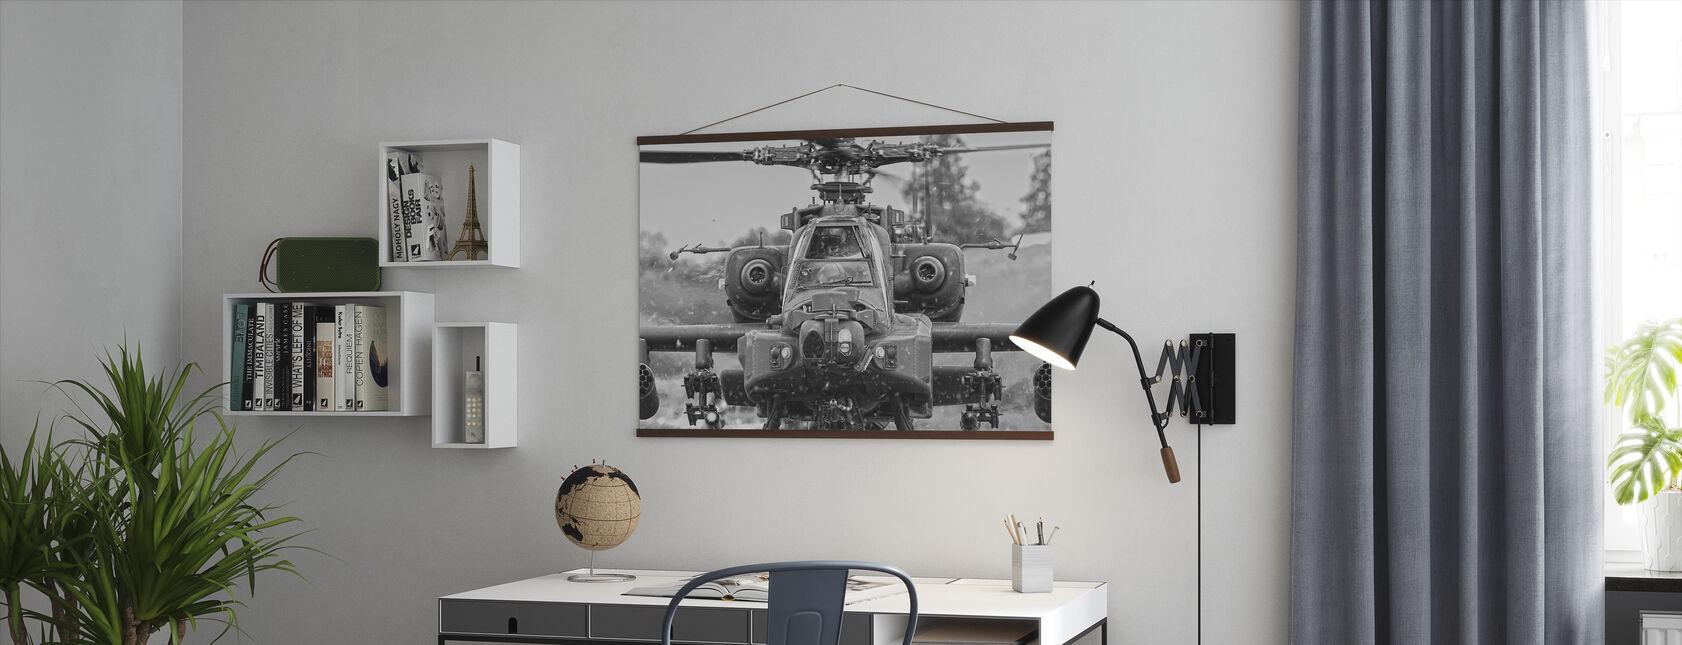 Apache Hubschrauber - Poster - Büro